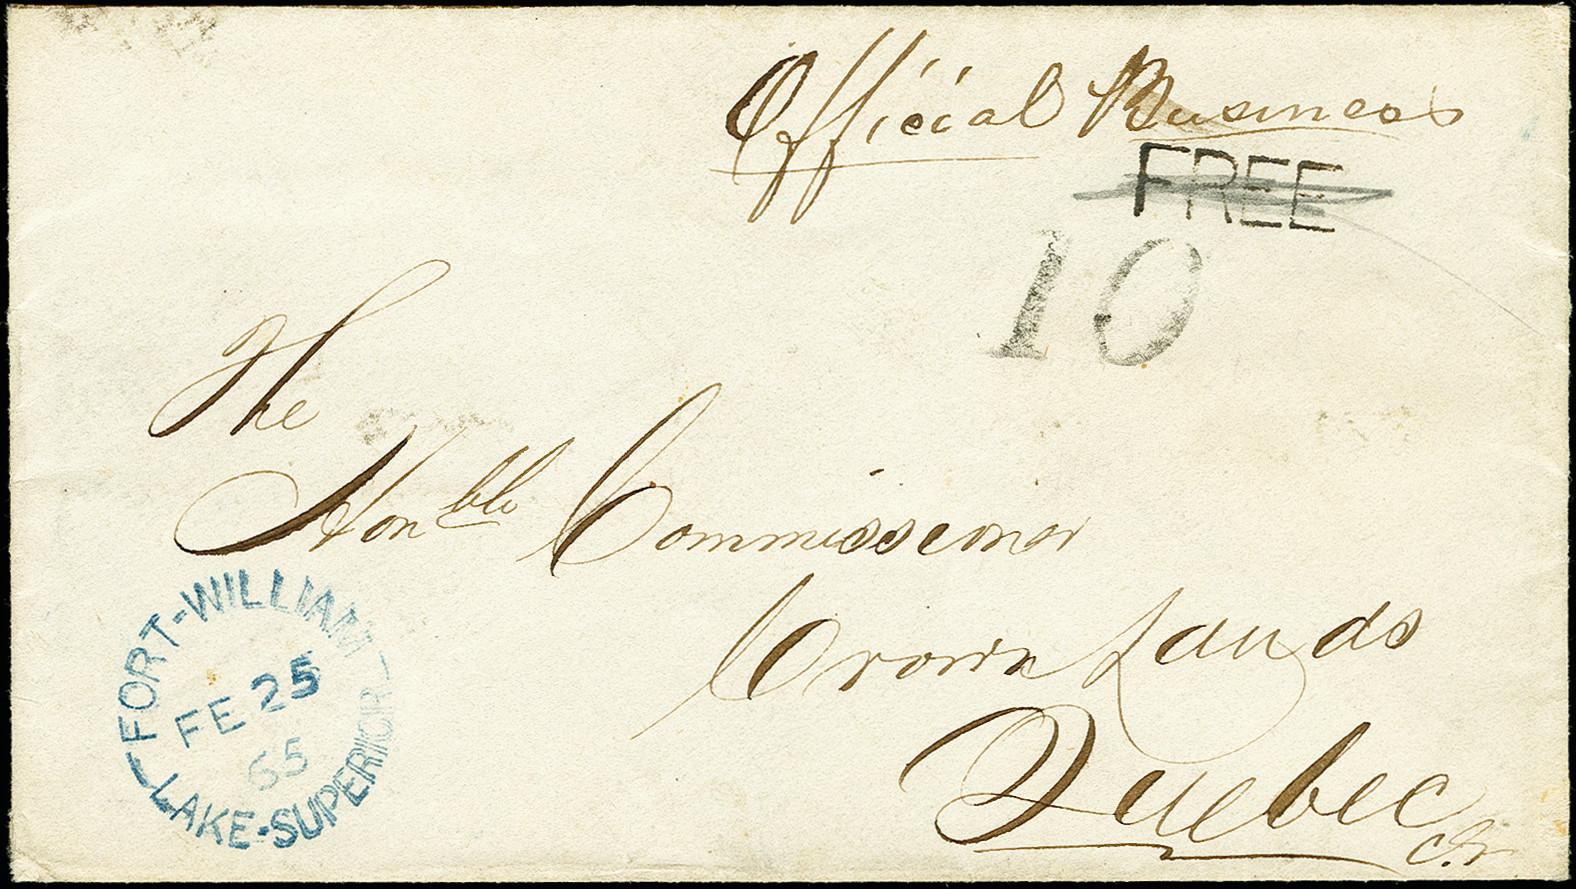 Lot 1999 - Britisch Commonwealth Dominion of Canada -  Heinrich Koehler Auktionen 375rd Heinrich Köhler auction - Day 1